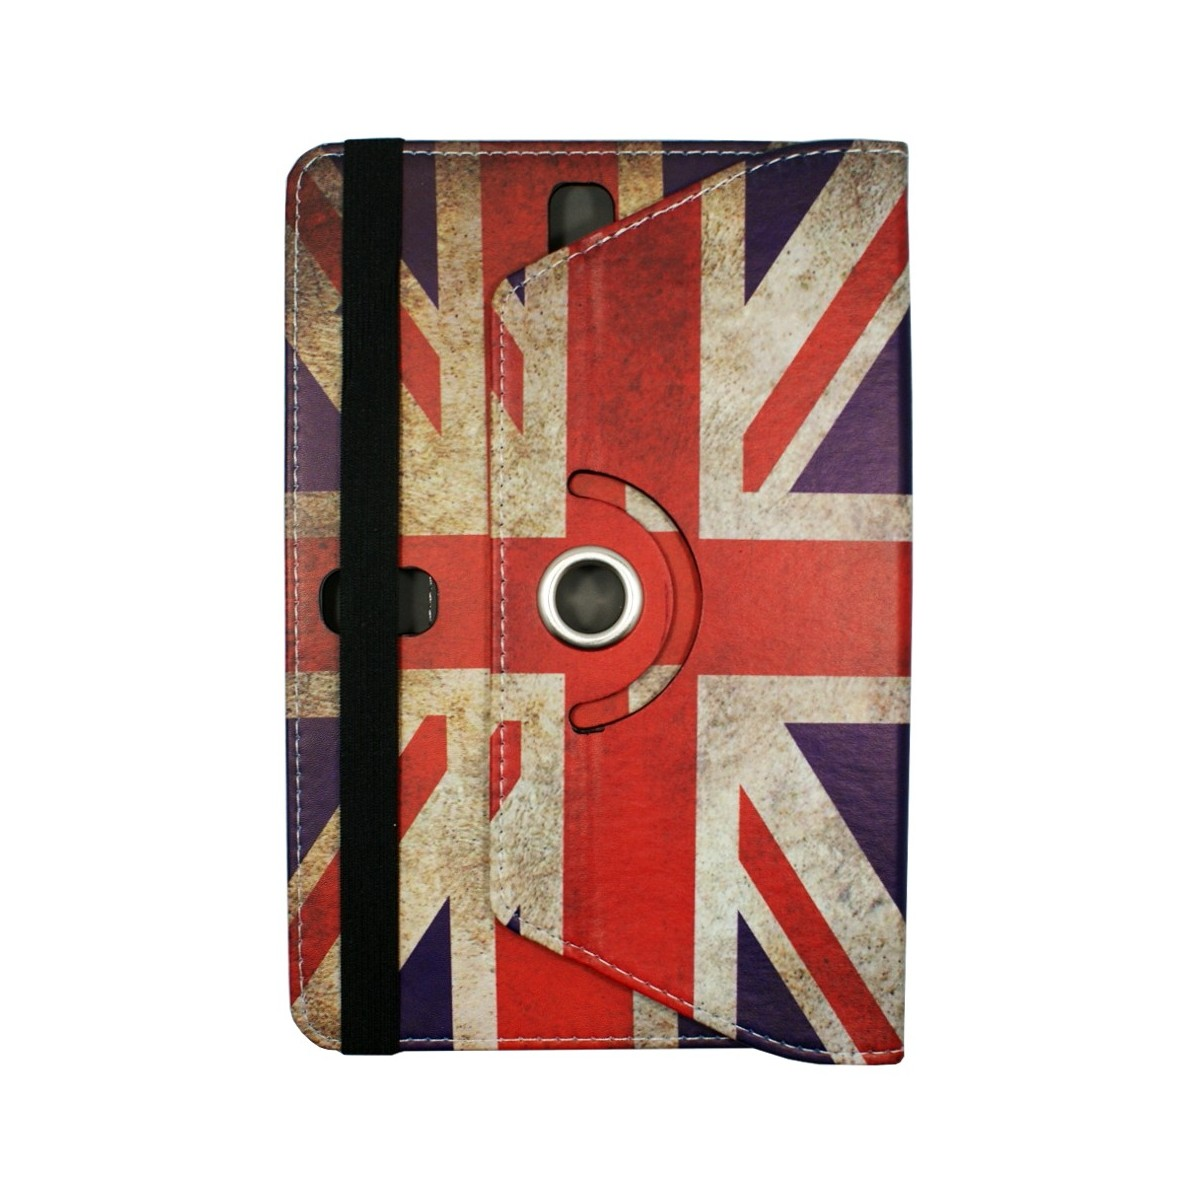 Etui tablette universel 9 pouces rotatif 360° motif drapeau UK - Crazy Kase